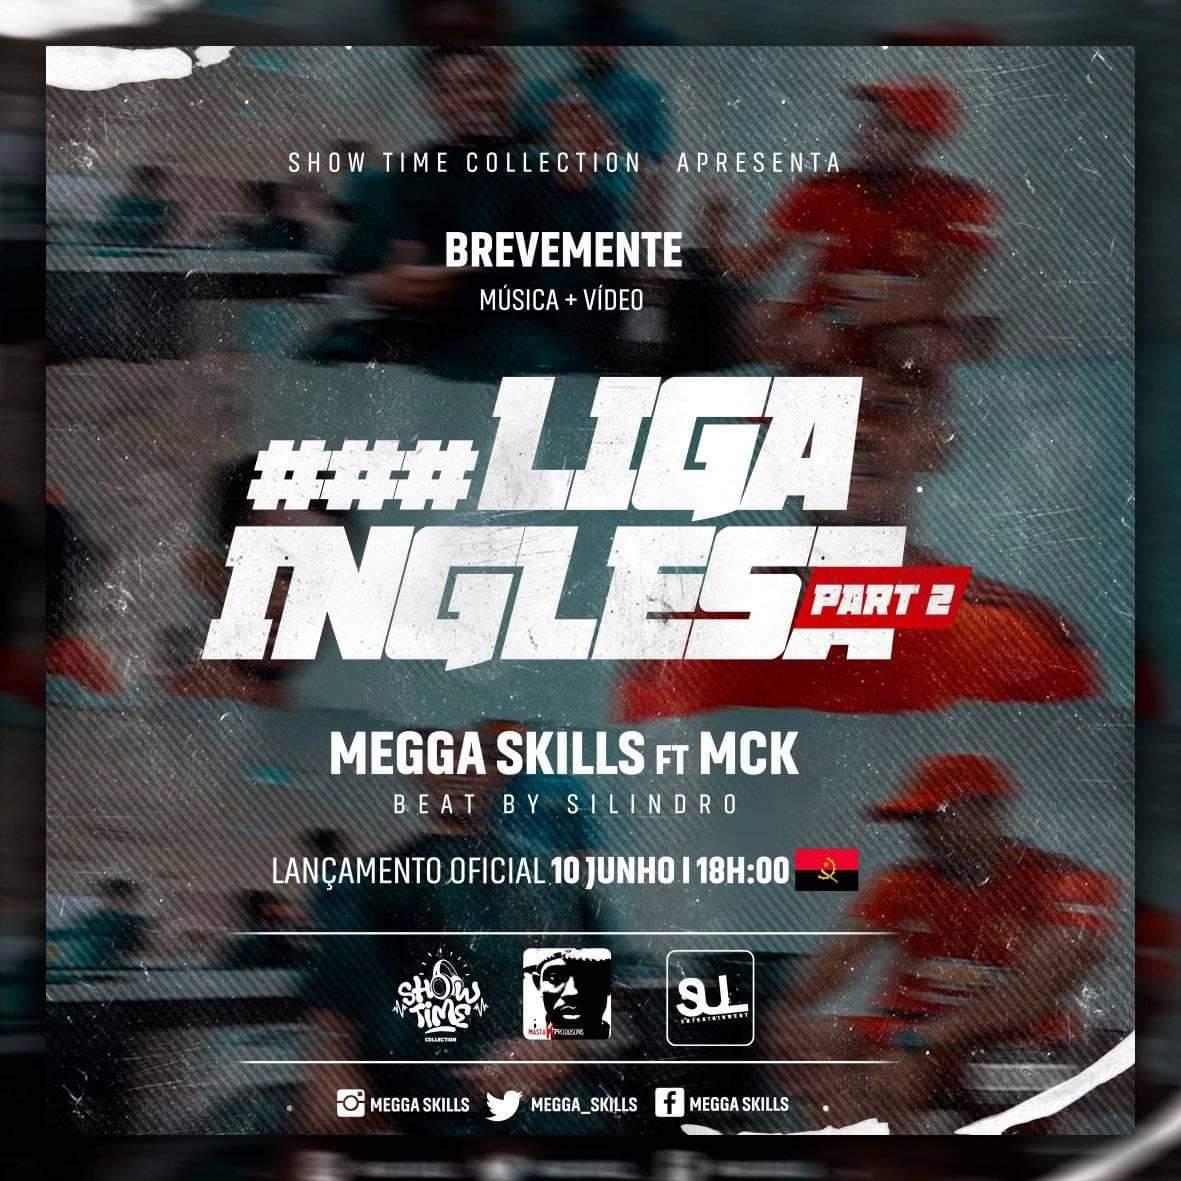 Megga Skills lança nova música com a participação de MCK